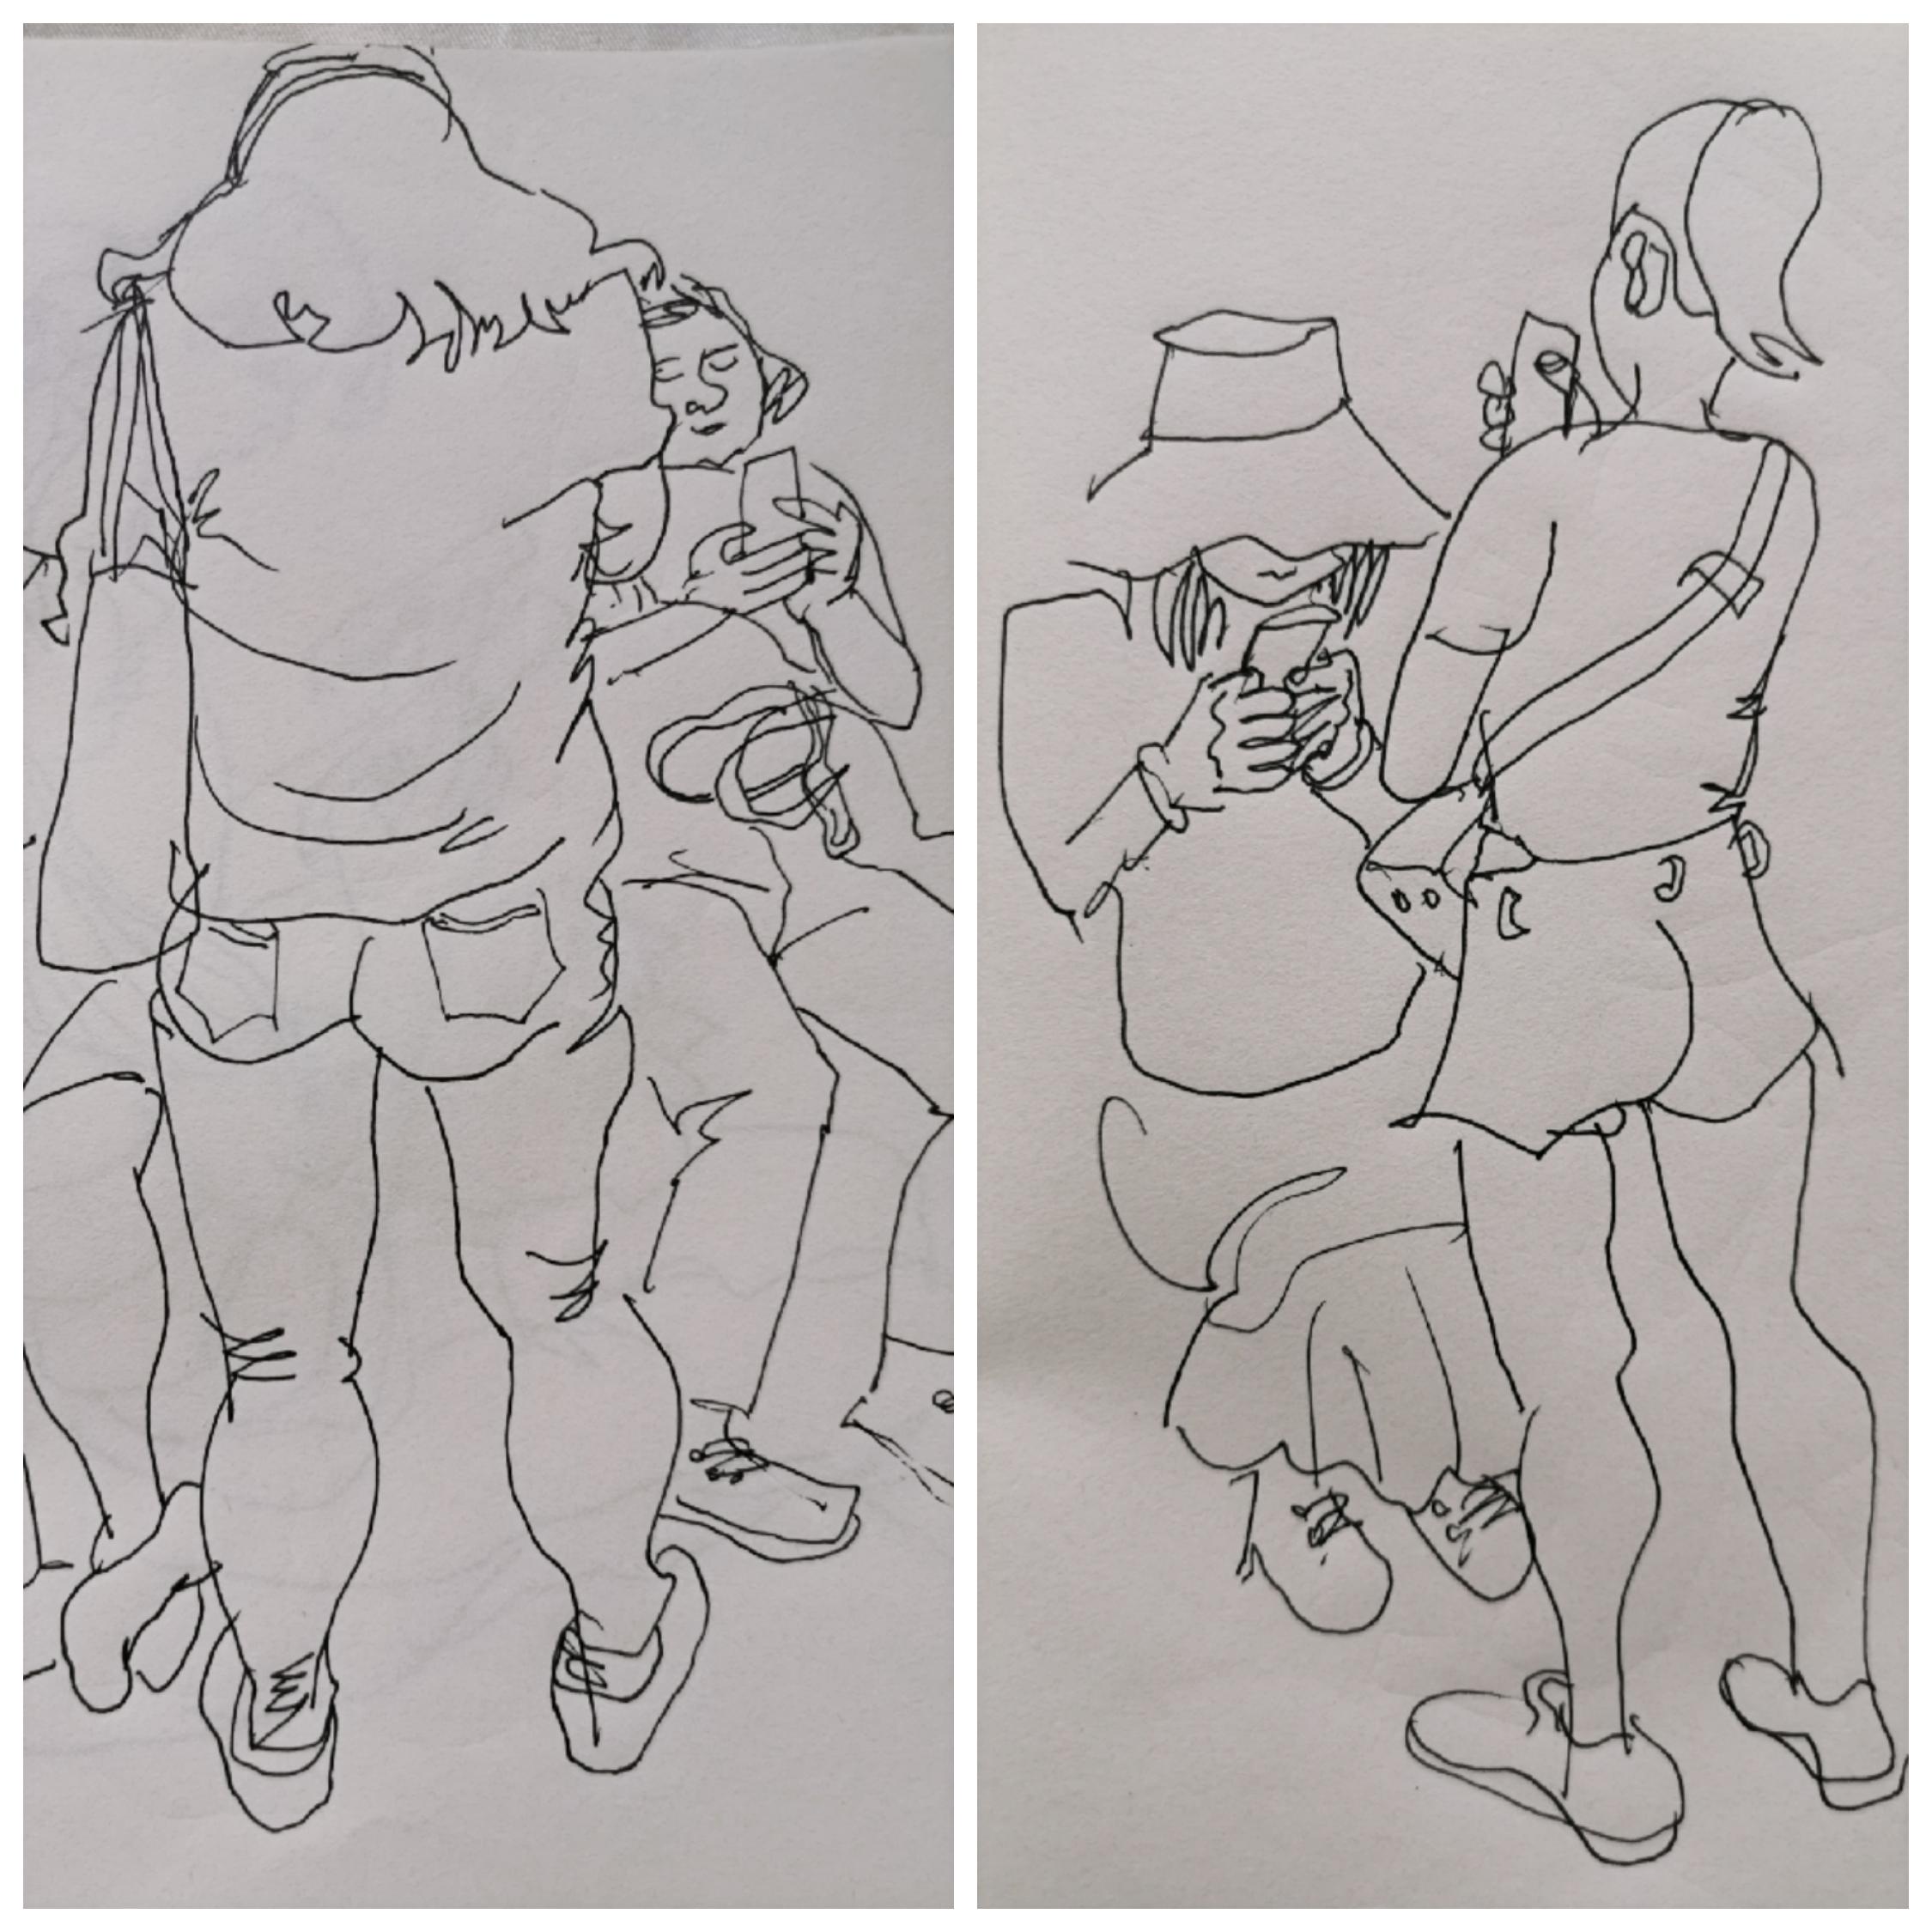 为何地铁邻座惊叹不绝?只因他画的速写外塑形体内探幽里格外传神_生活